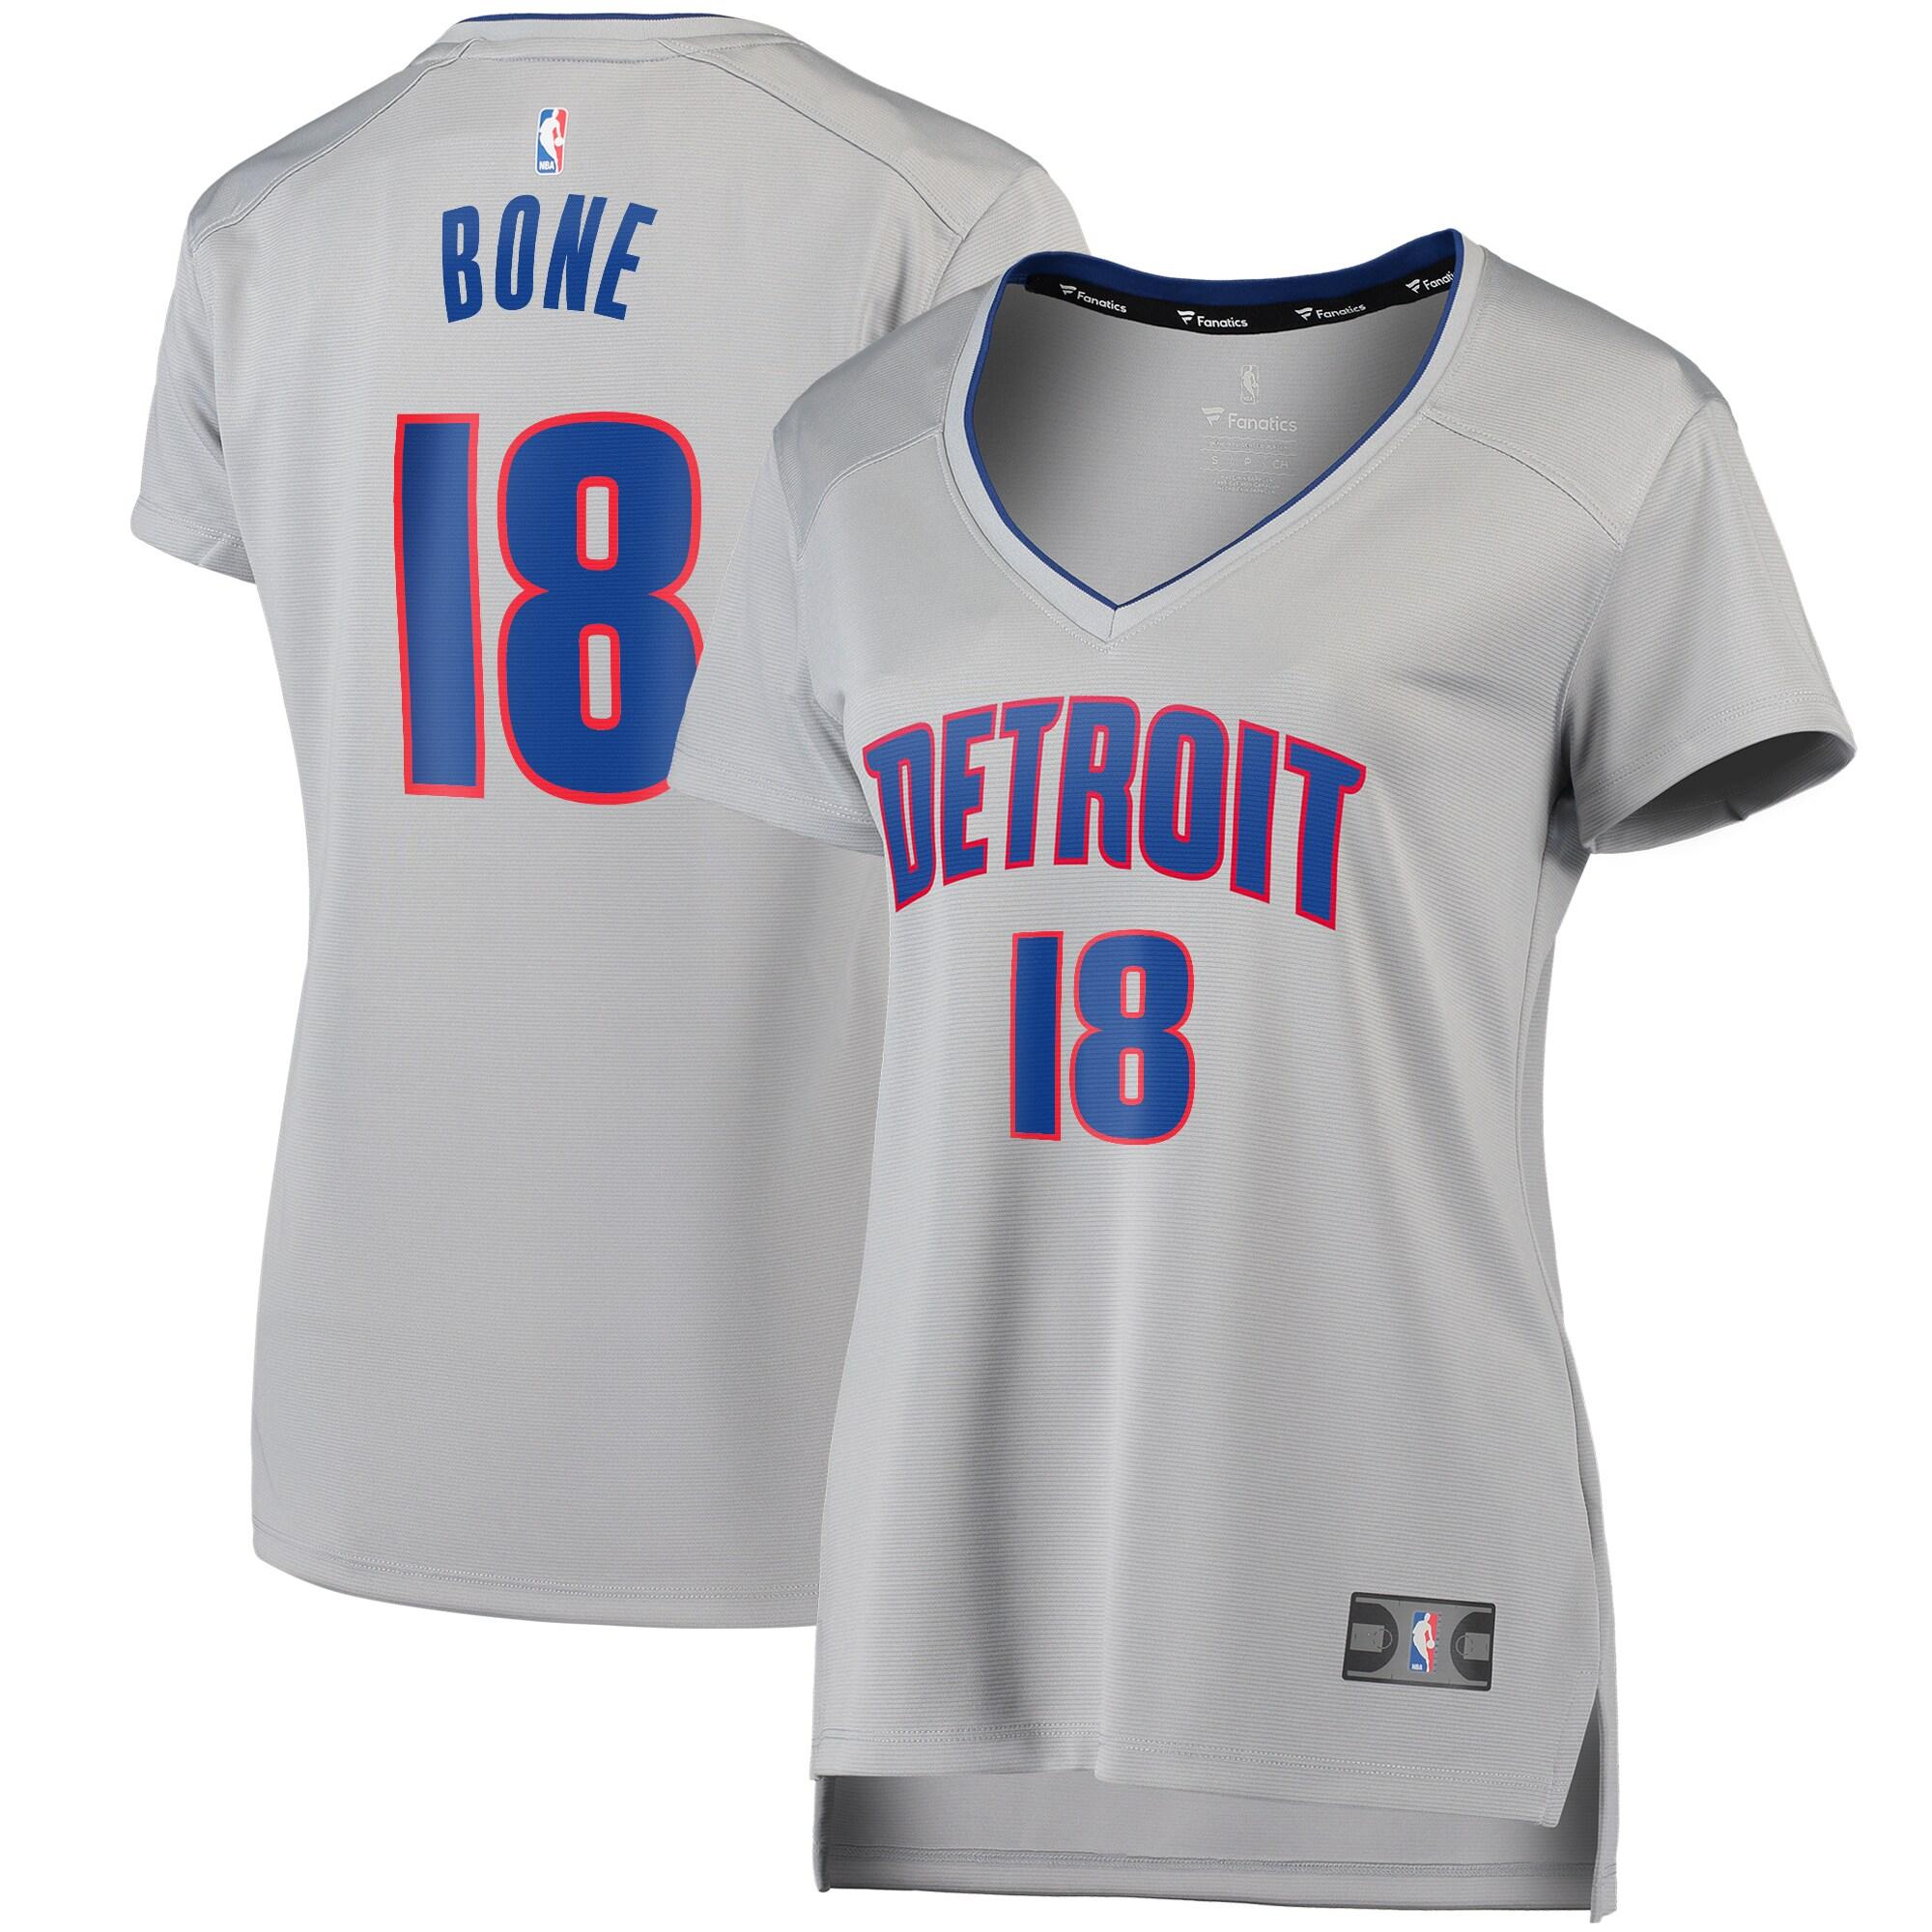 Jordan Bone Detroit Pistons Fanatics Branded Women's Fast Break Replica Player Jersey - Statement Edition - Gray